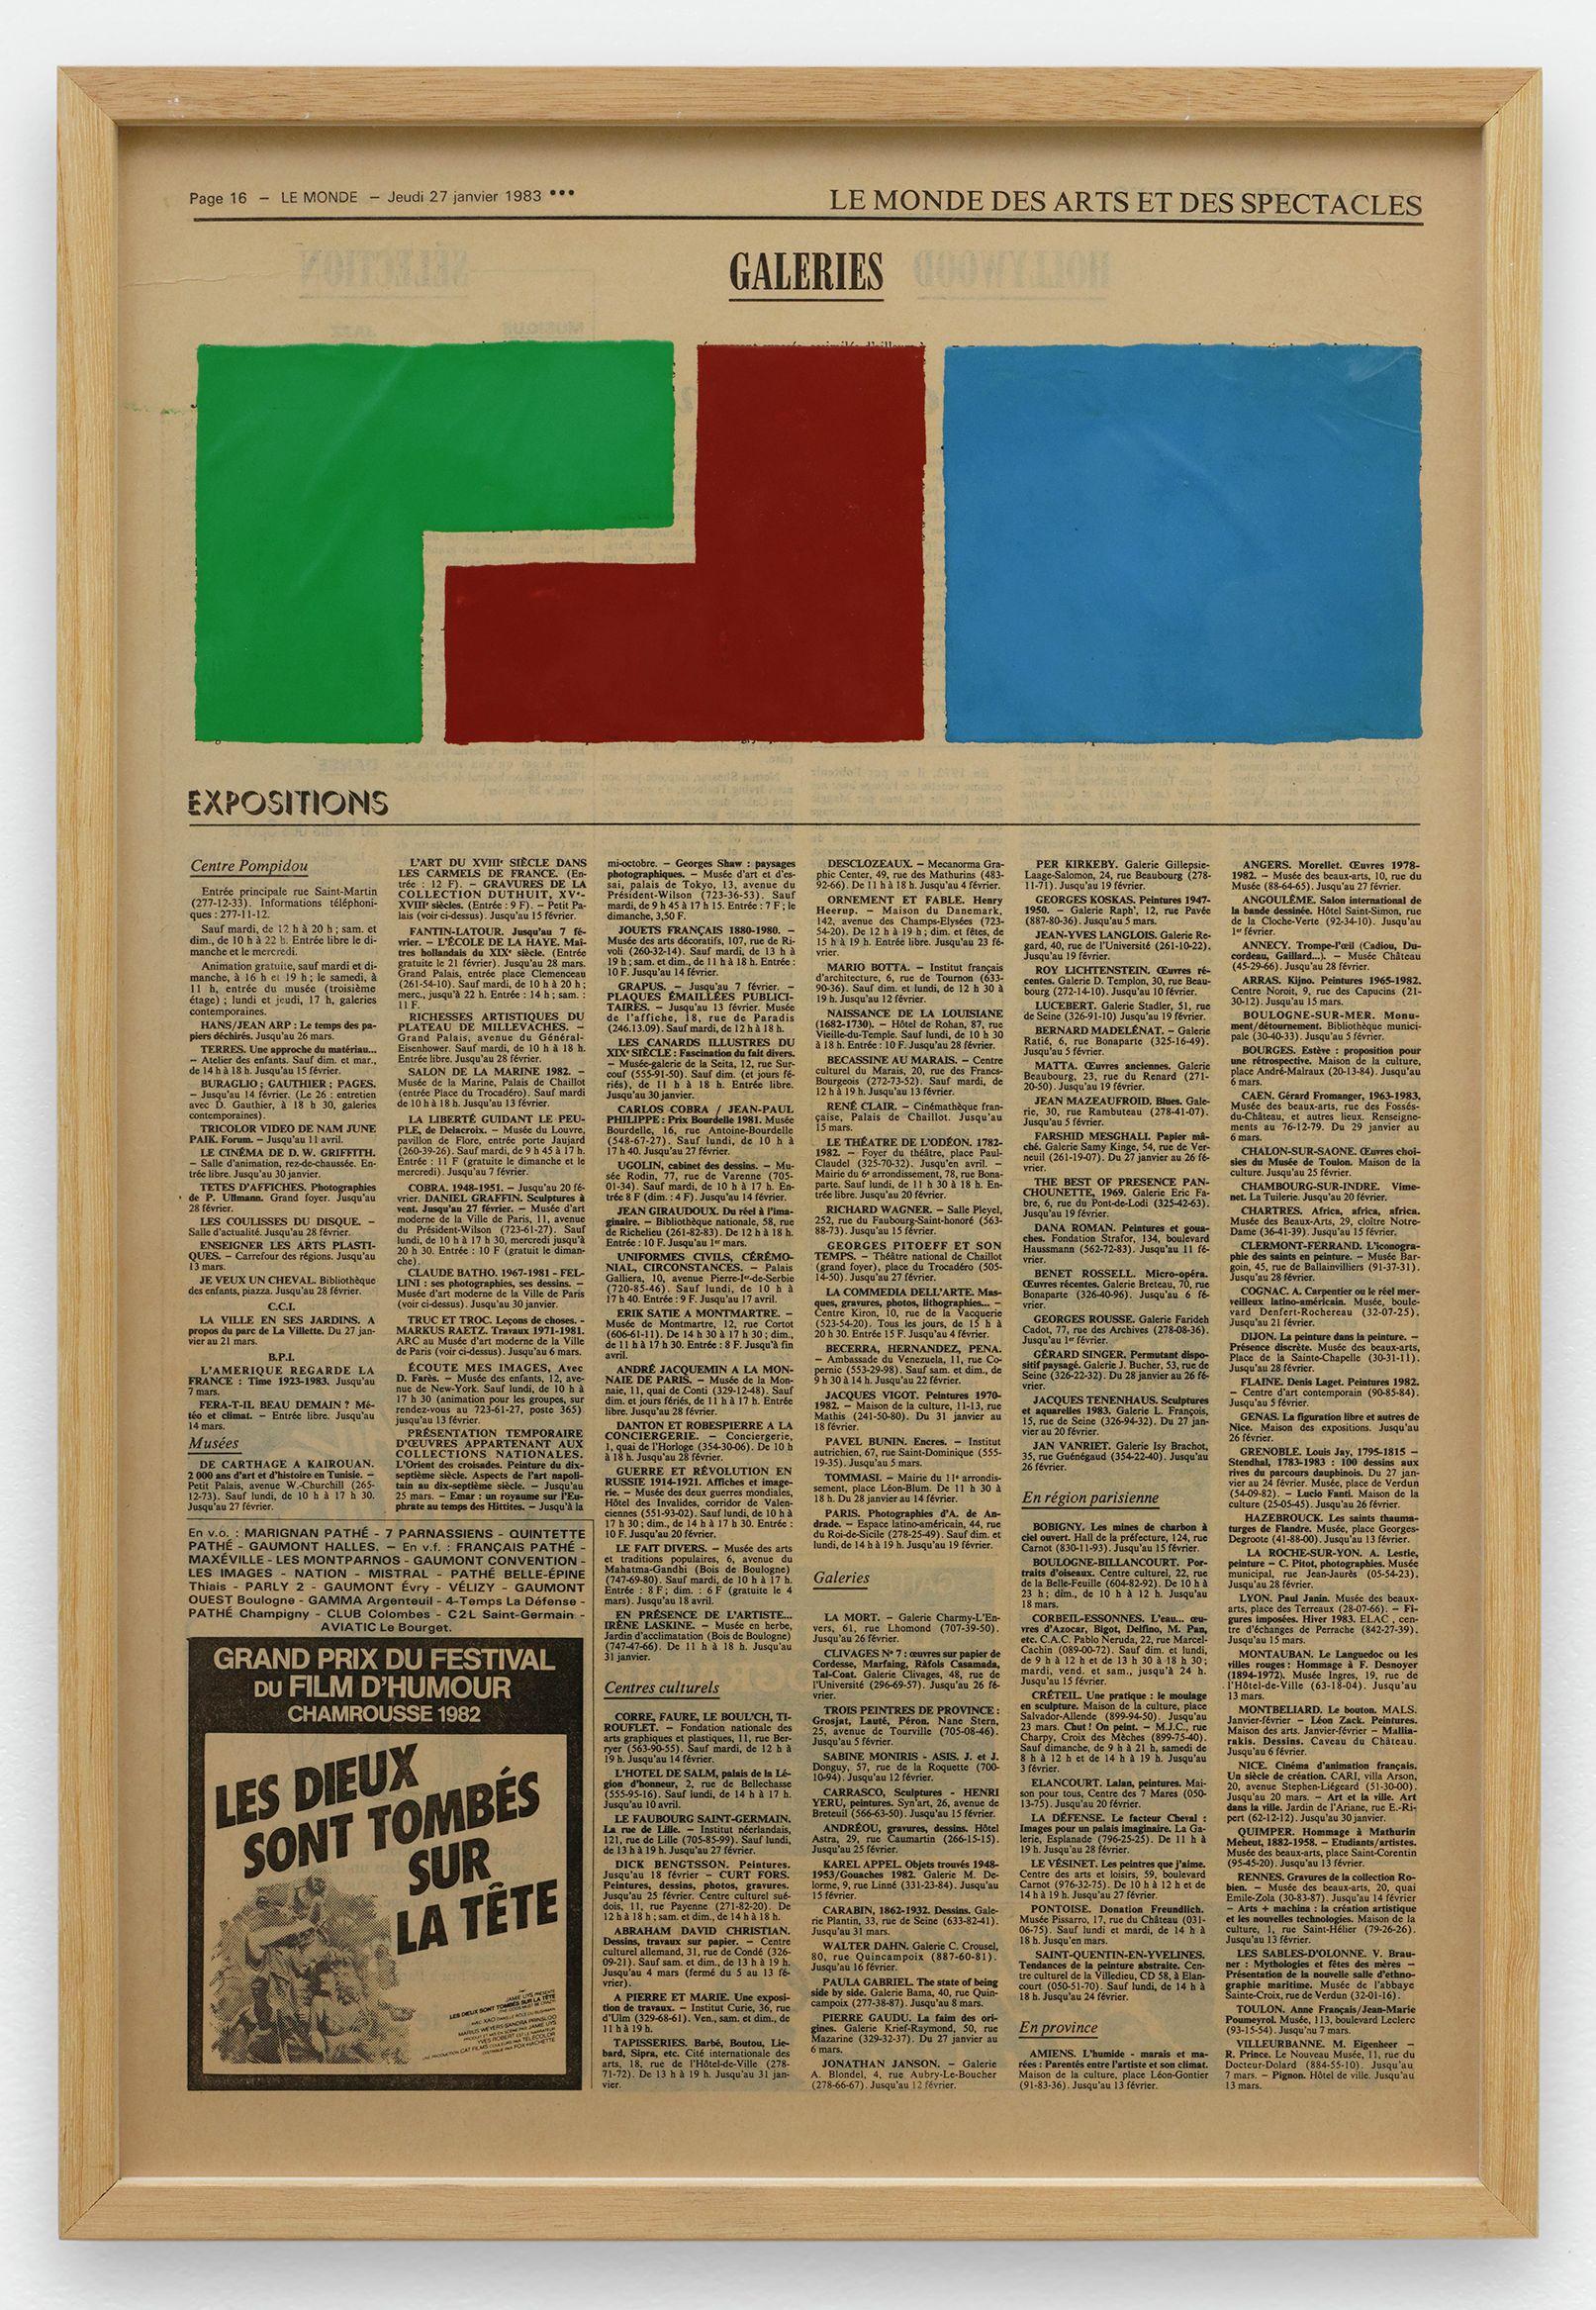 Ernest T., Le Monde, jeudi 27 janvier 1983, 1983 Laque sur page de journal50 × 32.5 cm / 19 5/8 × 12 6/8 in. | 52 × 35.5 × 2.5 cm / 20 1/2 × 14  × 1  in. (encadré/framed)